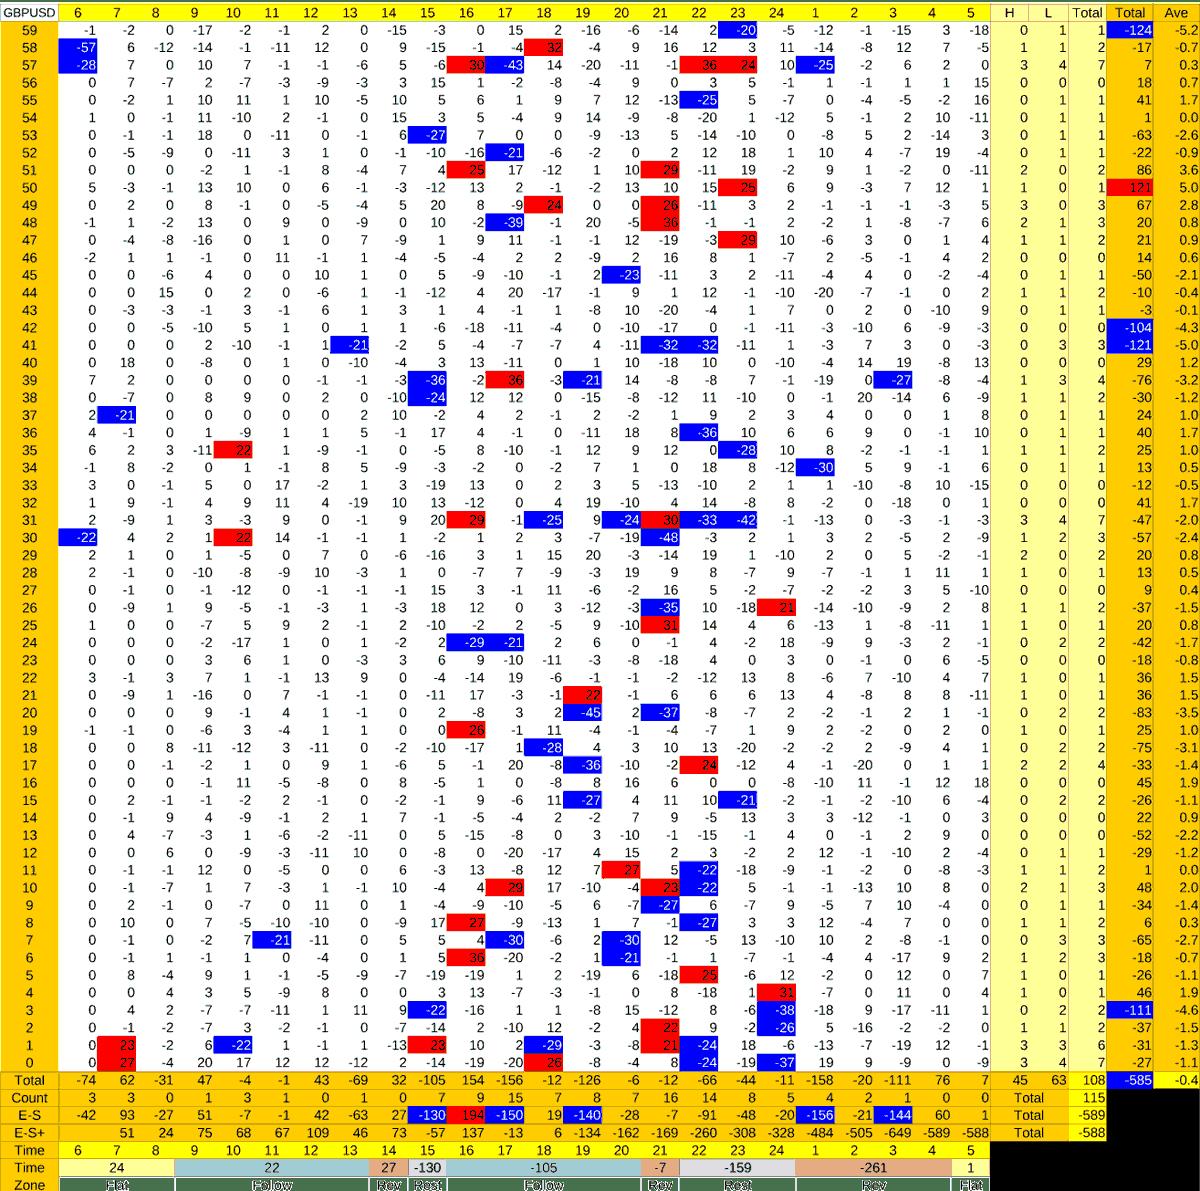 20210812_HS(2)GBPUSD-min